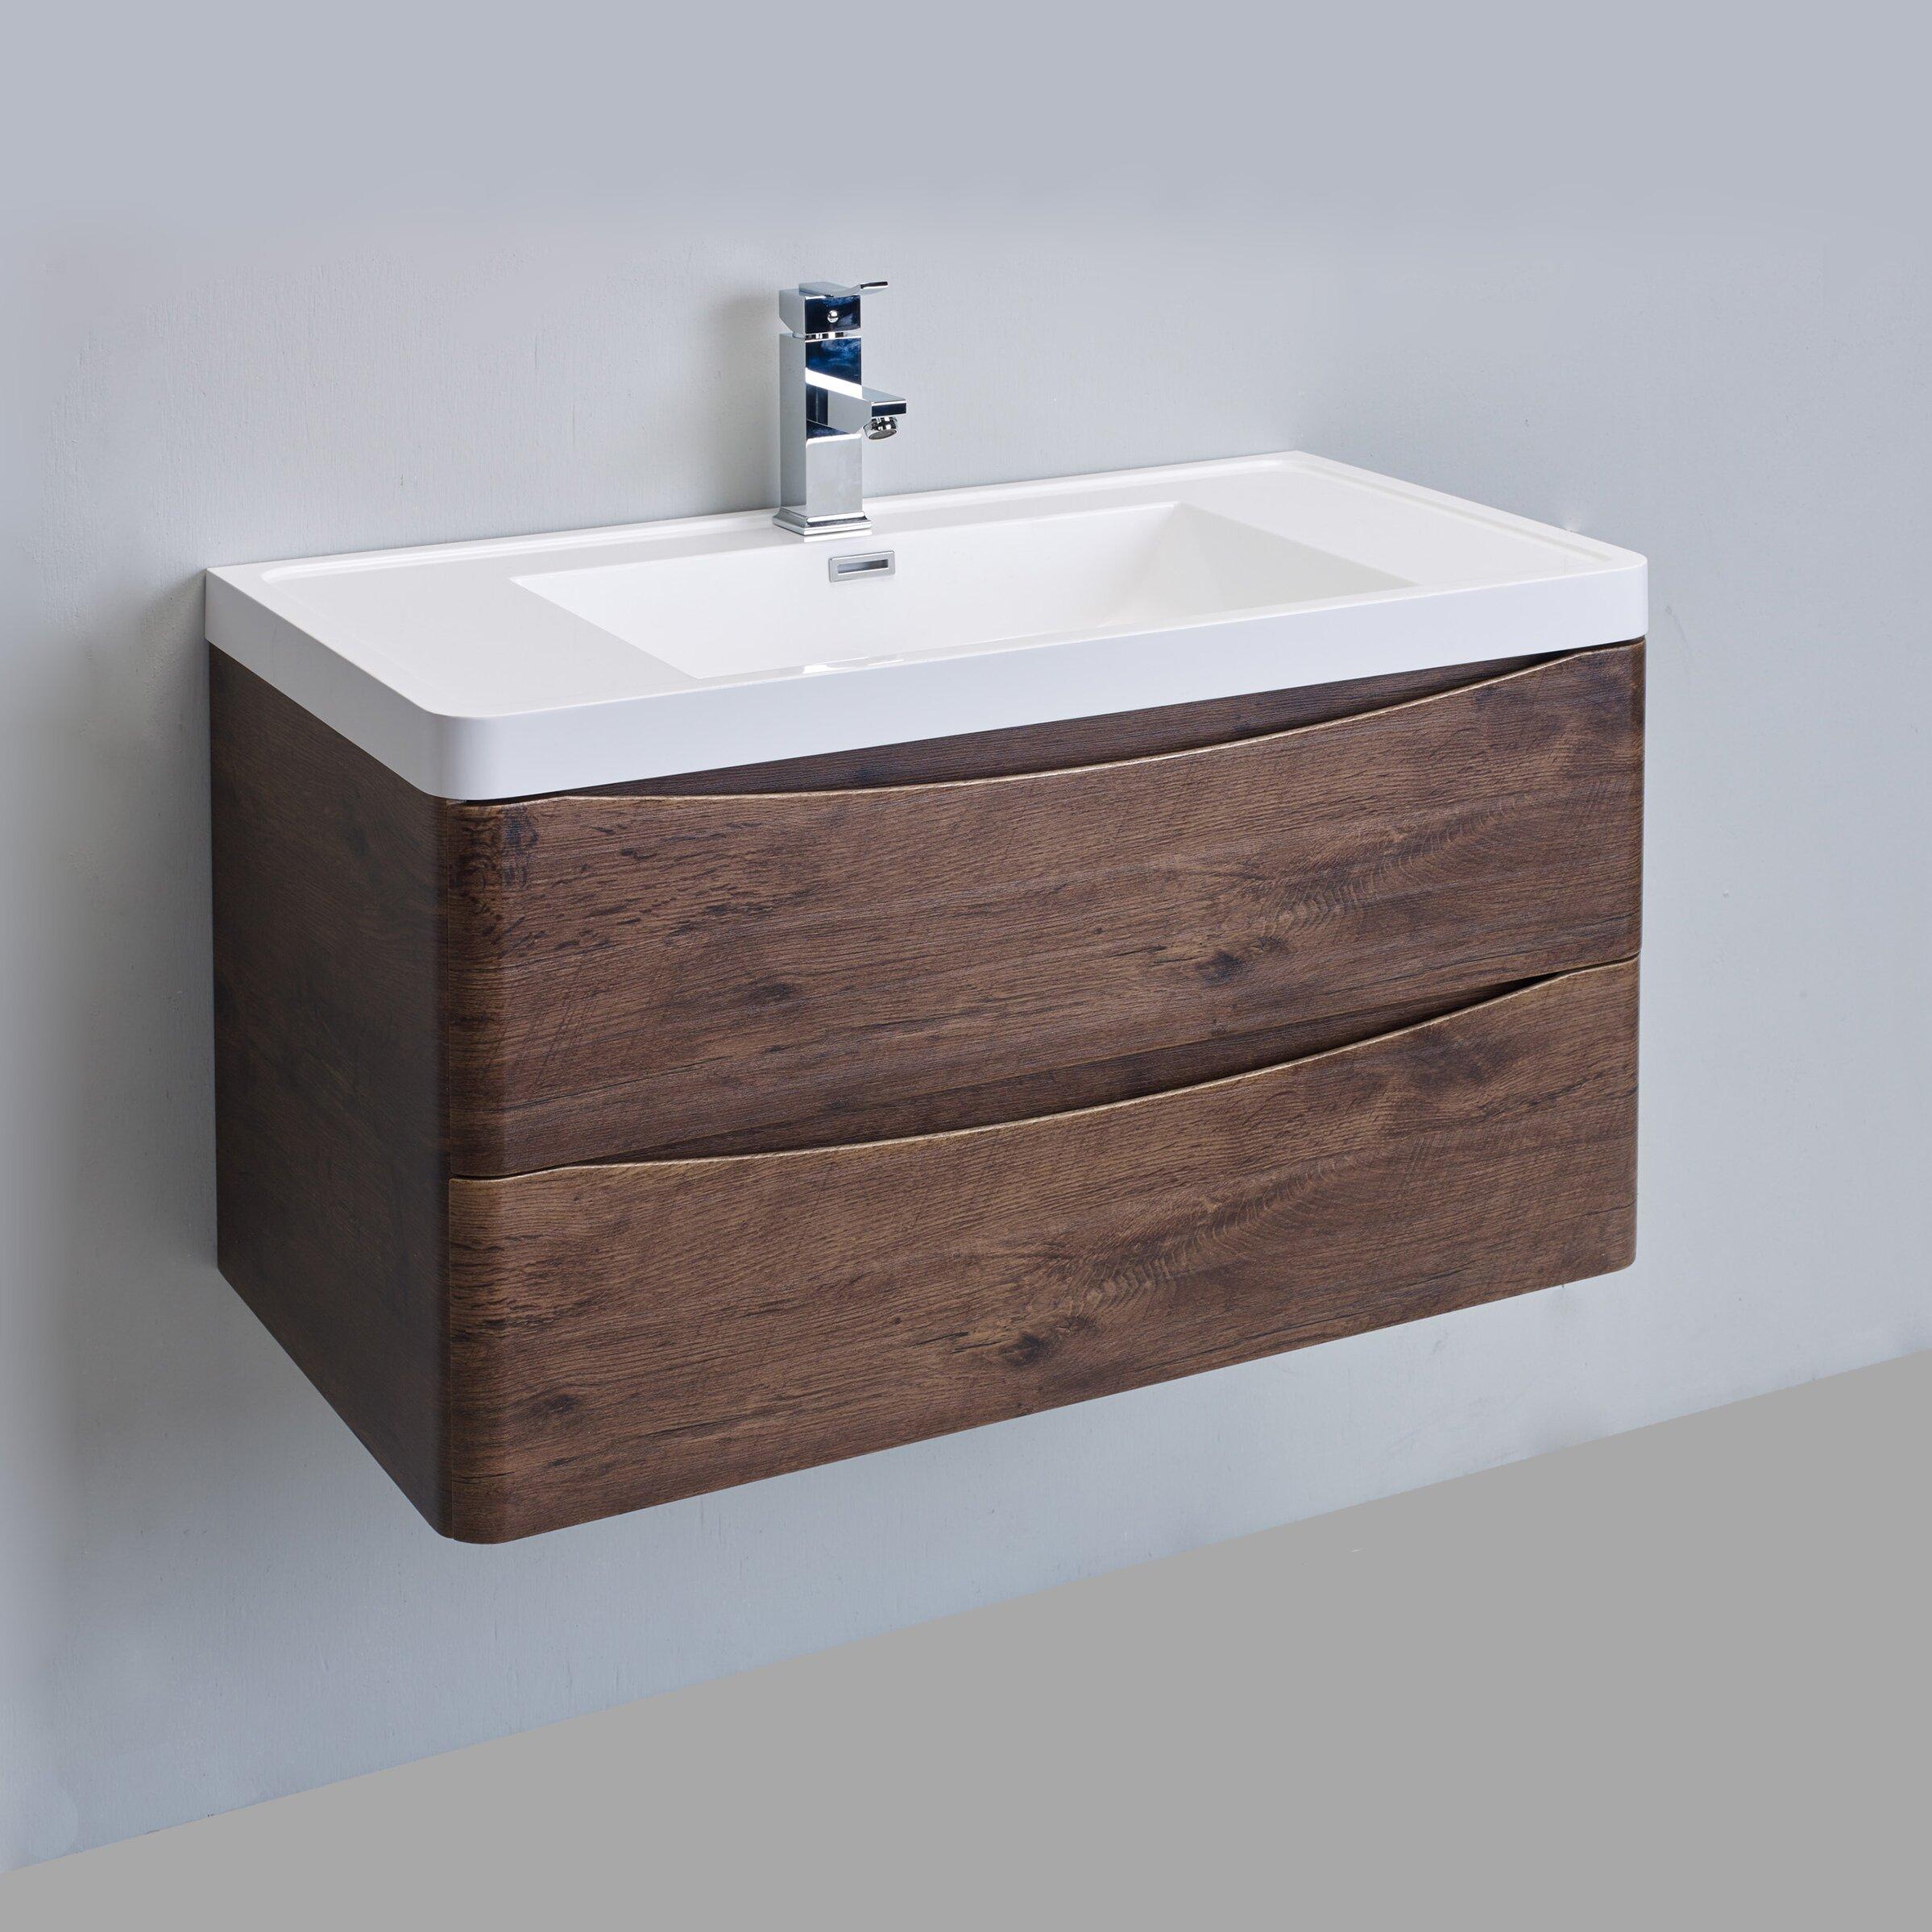 Bathroom Sink And Cabinet Eviva Smile 36 Single Bathroom Vanity Set Reviews Wayfair